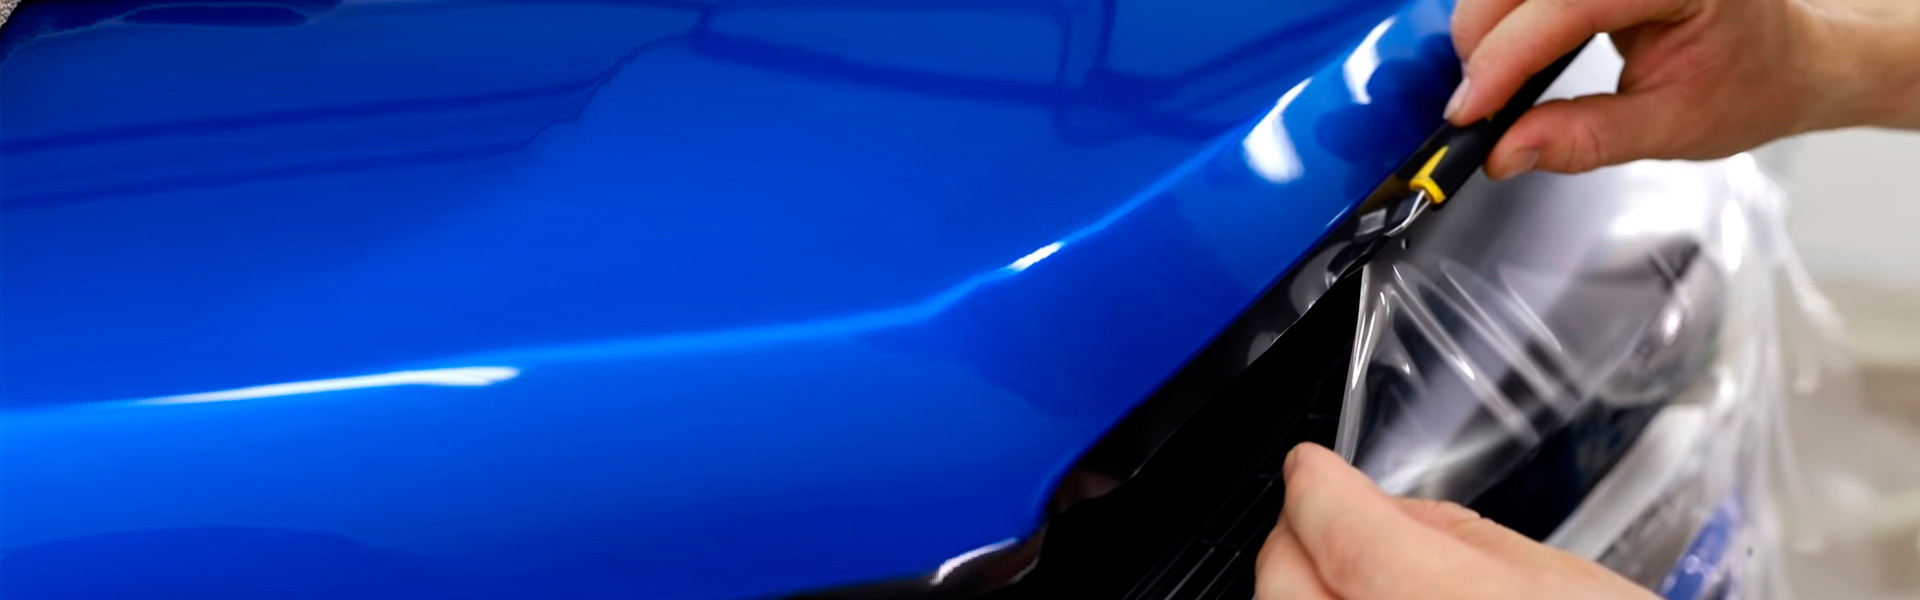 Ни царапинки: как антигравийная пленка защитит Ваше авто. Или навредит?